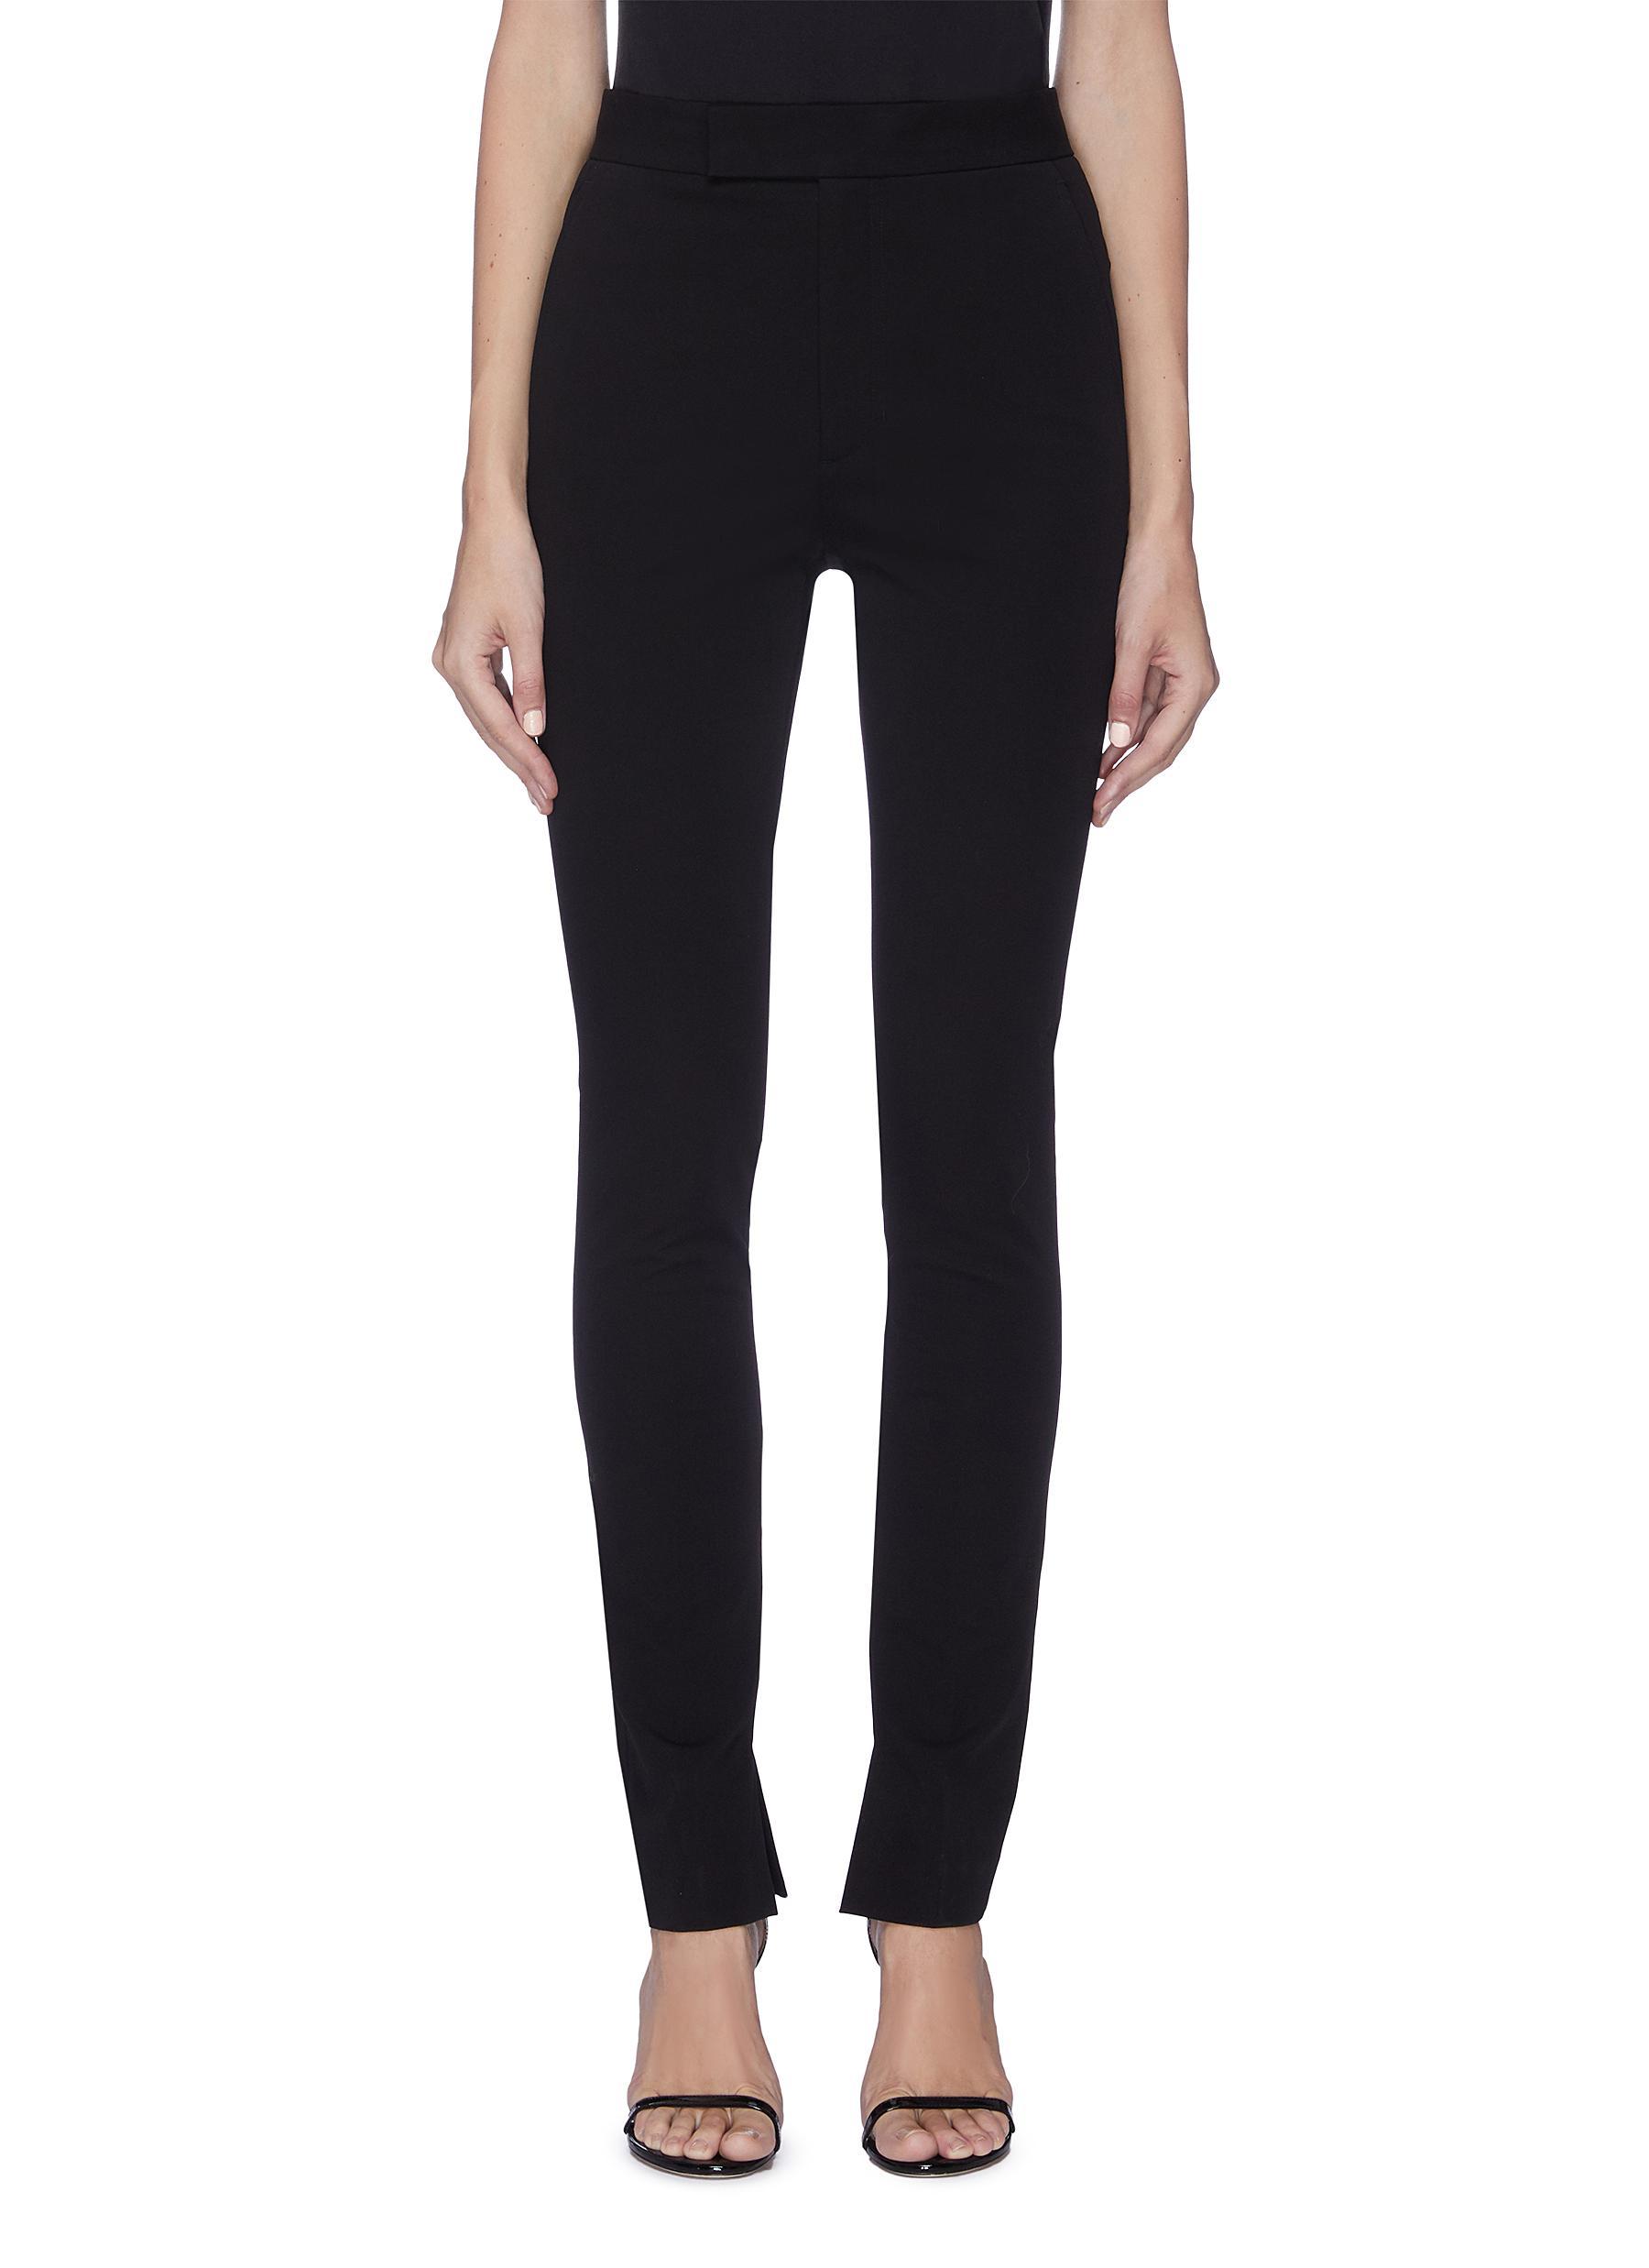 shop Helmut Lang Rider legging pants online